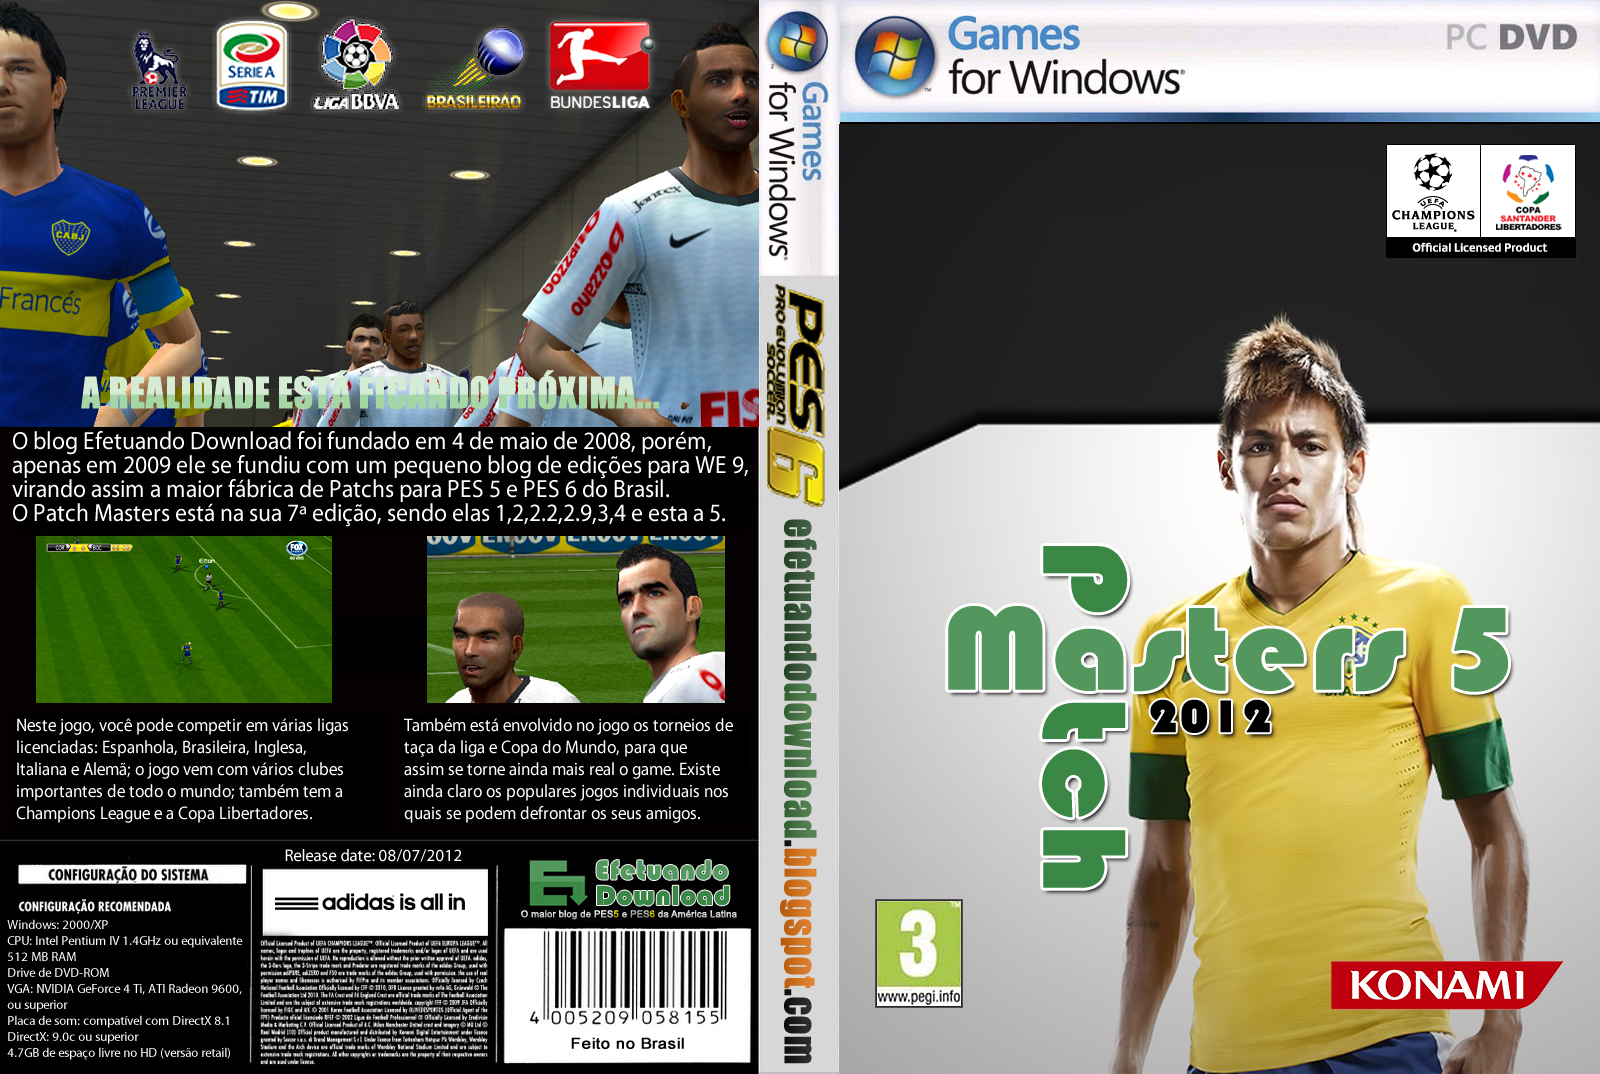 Nich gan ane kasih update Update Patch Masters 5 2012 - PES 6 terbaru langs